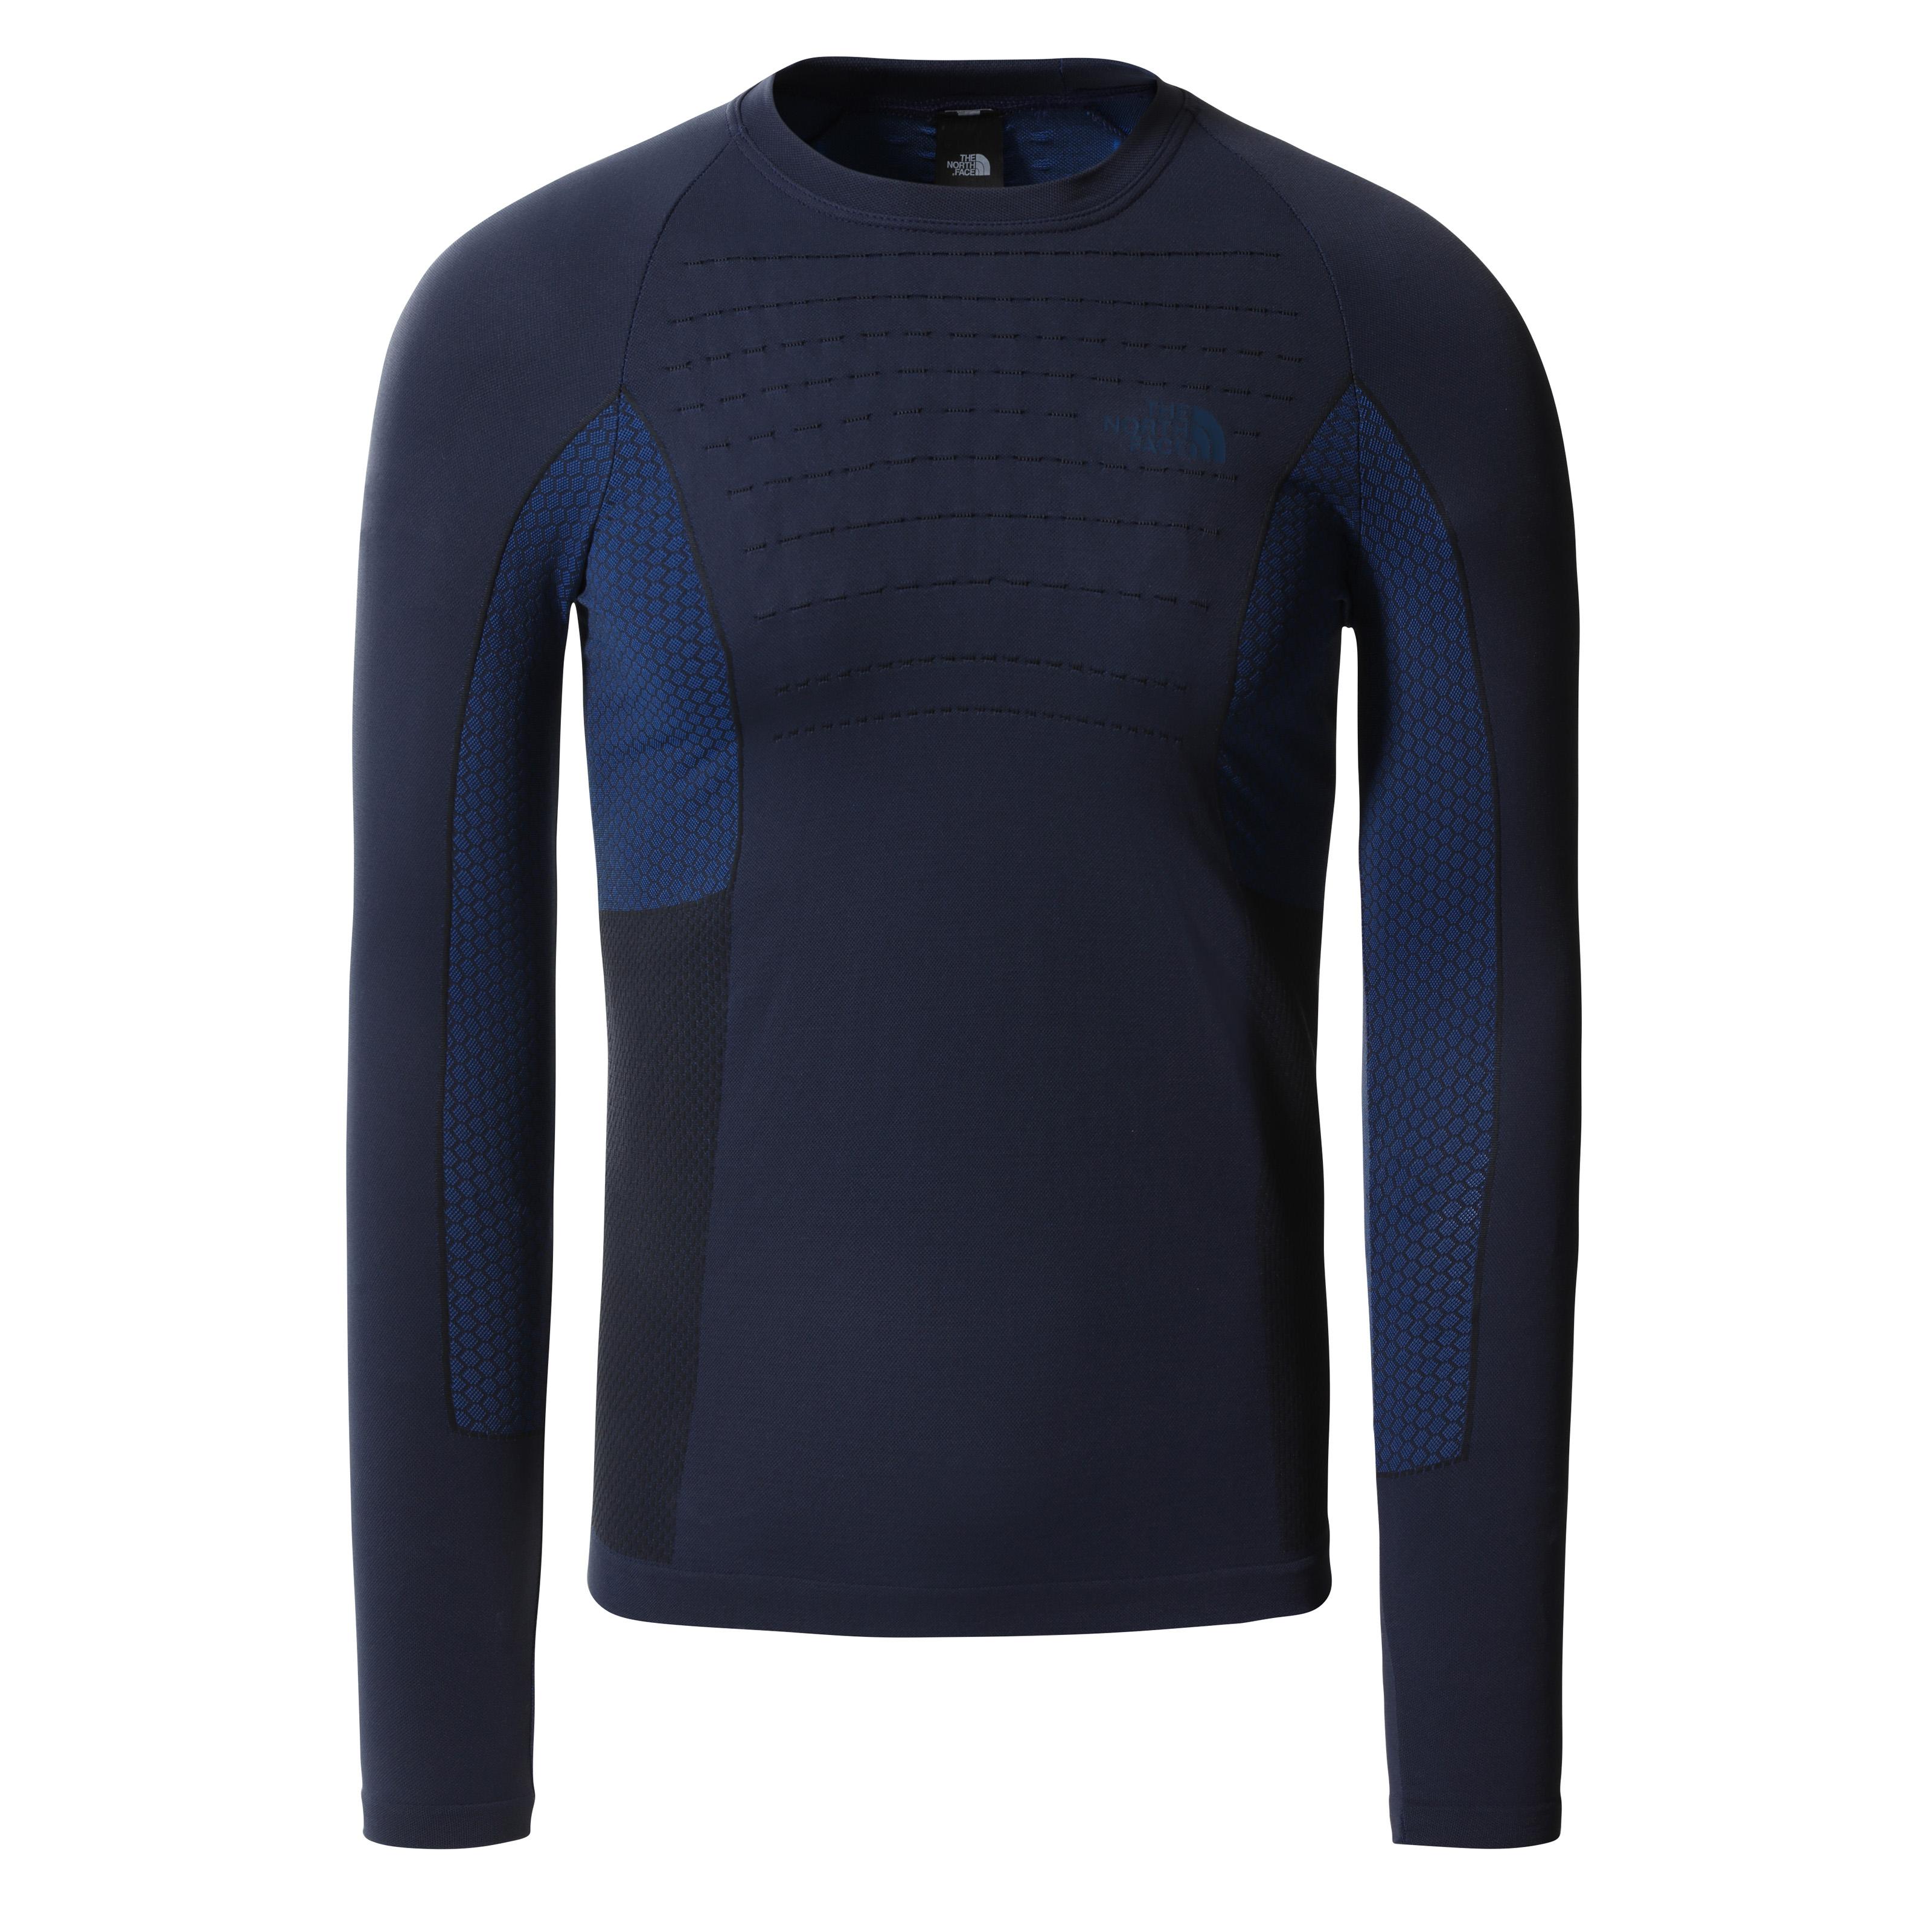 The North Face pánské funkční prádlo PÁNSKÉ FUNKČNÍ TRIČKO SPORT S DLOUHÝM RUKÁVEM The North Face